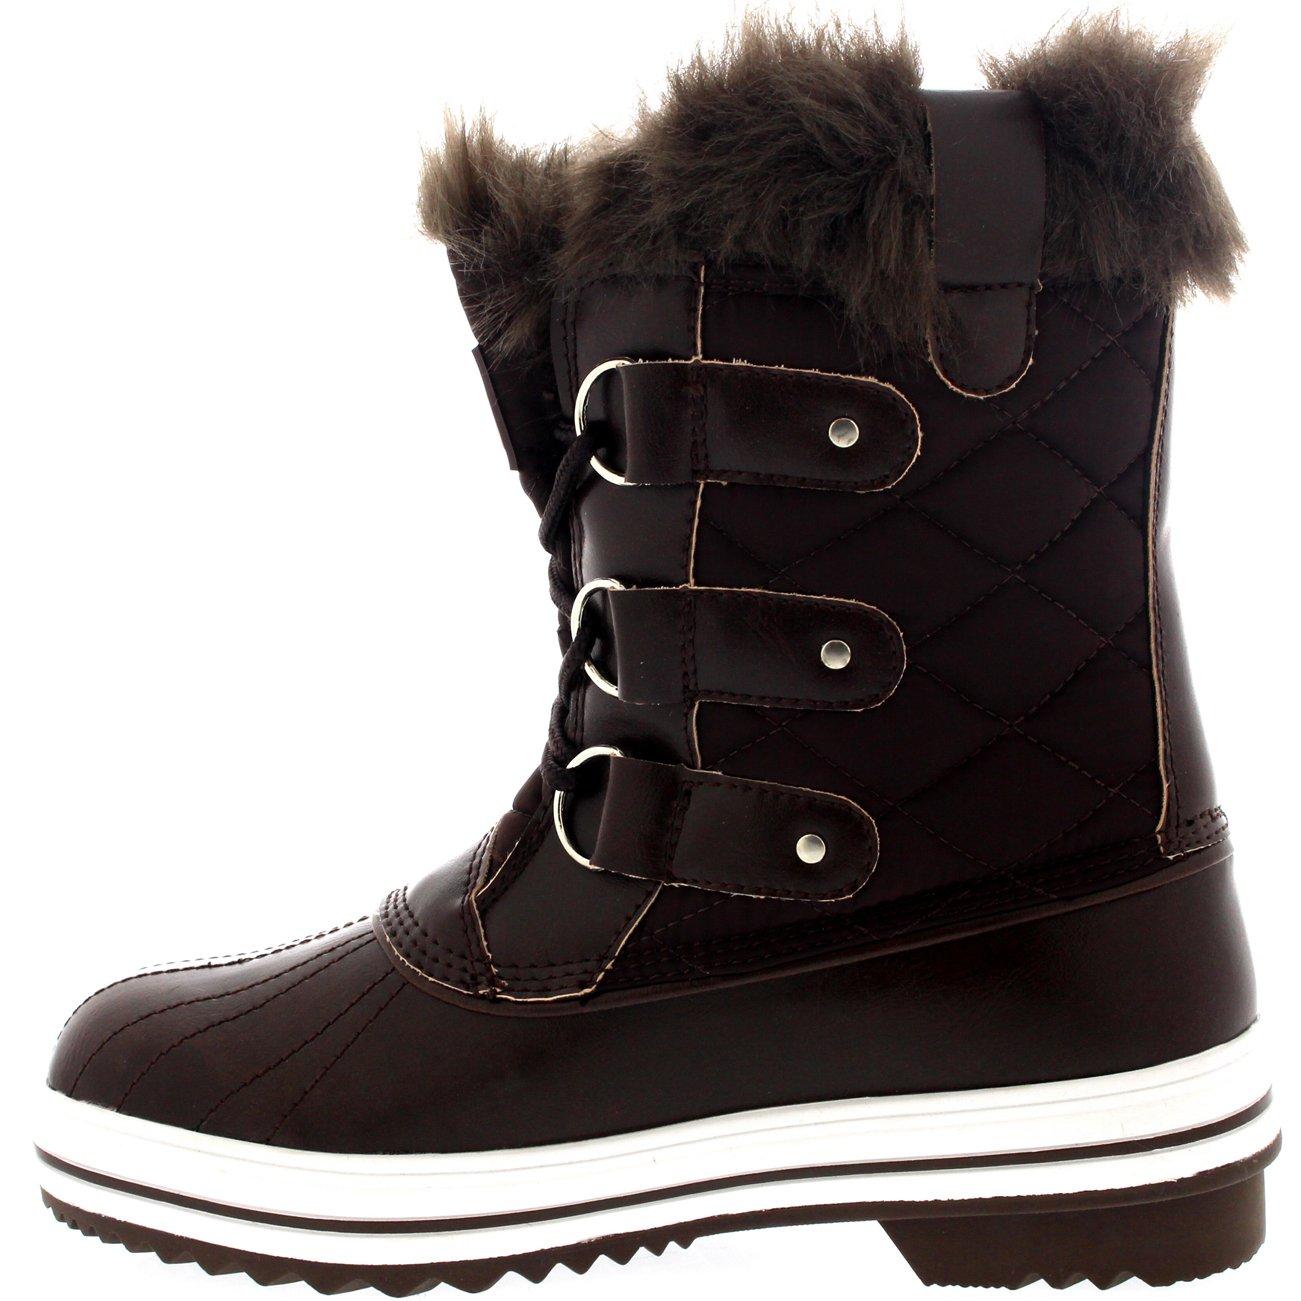 9cb165535e39bc Damen Schnee Stiefel Nylon Short Schnee Pelz Regen Wasserdicht Stiefel   Amazon.de  Schuhe   Handtaschen